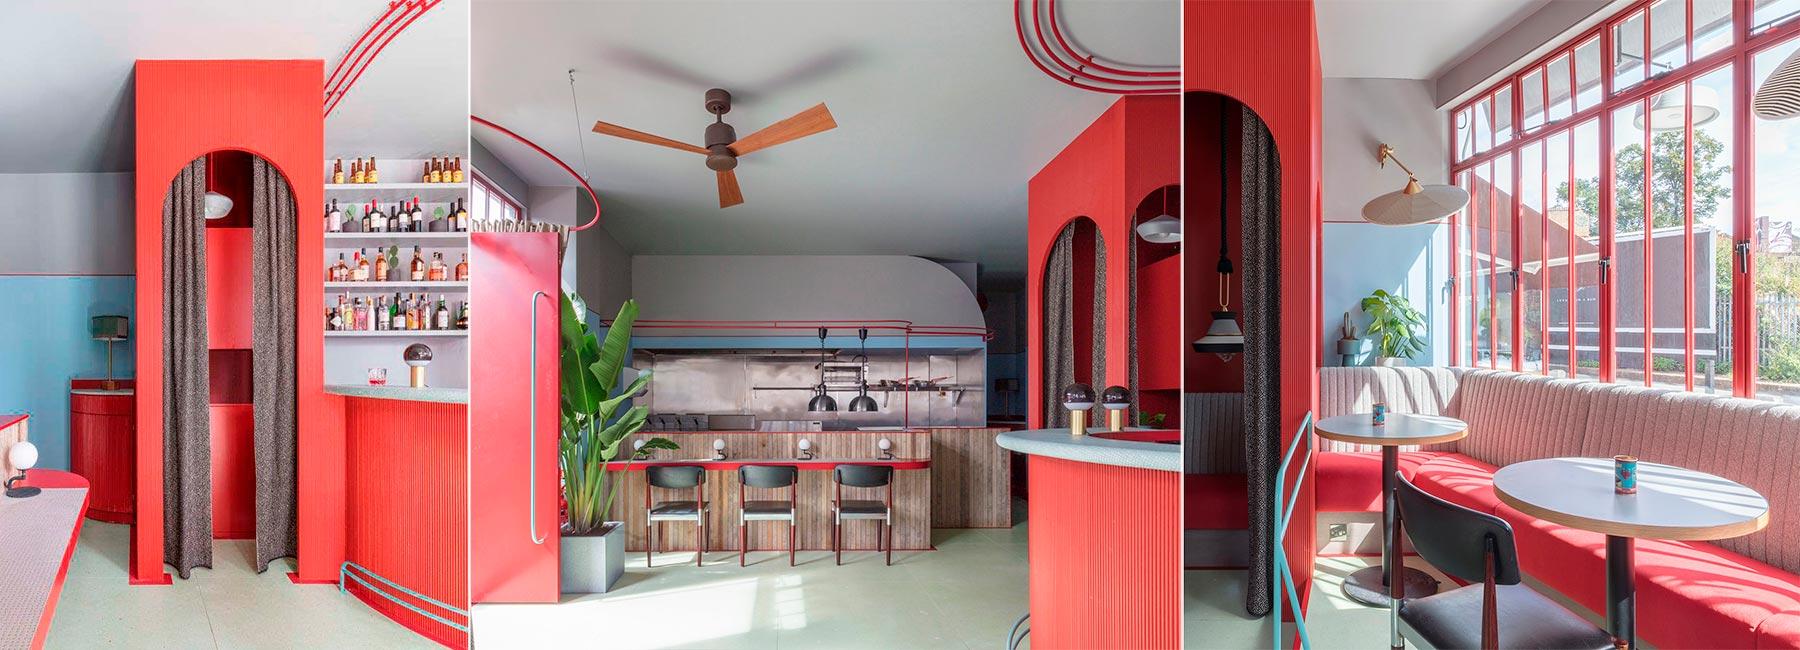 Дизайн интерьера The Piraña Bar and Restaurant в Лондоне в красных тонах